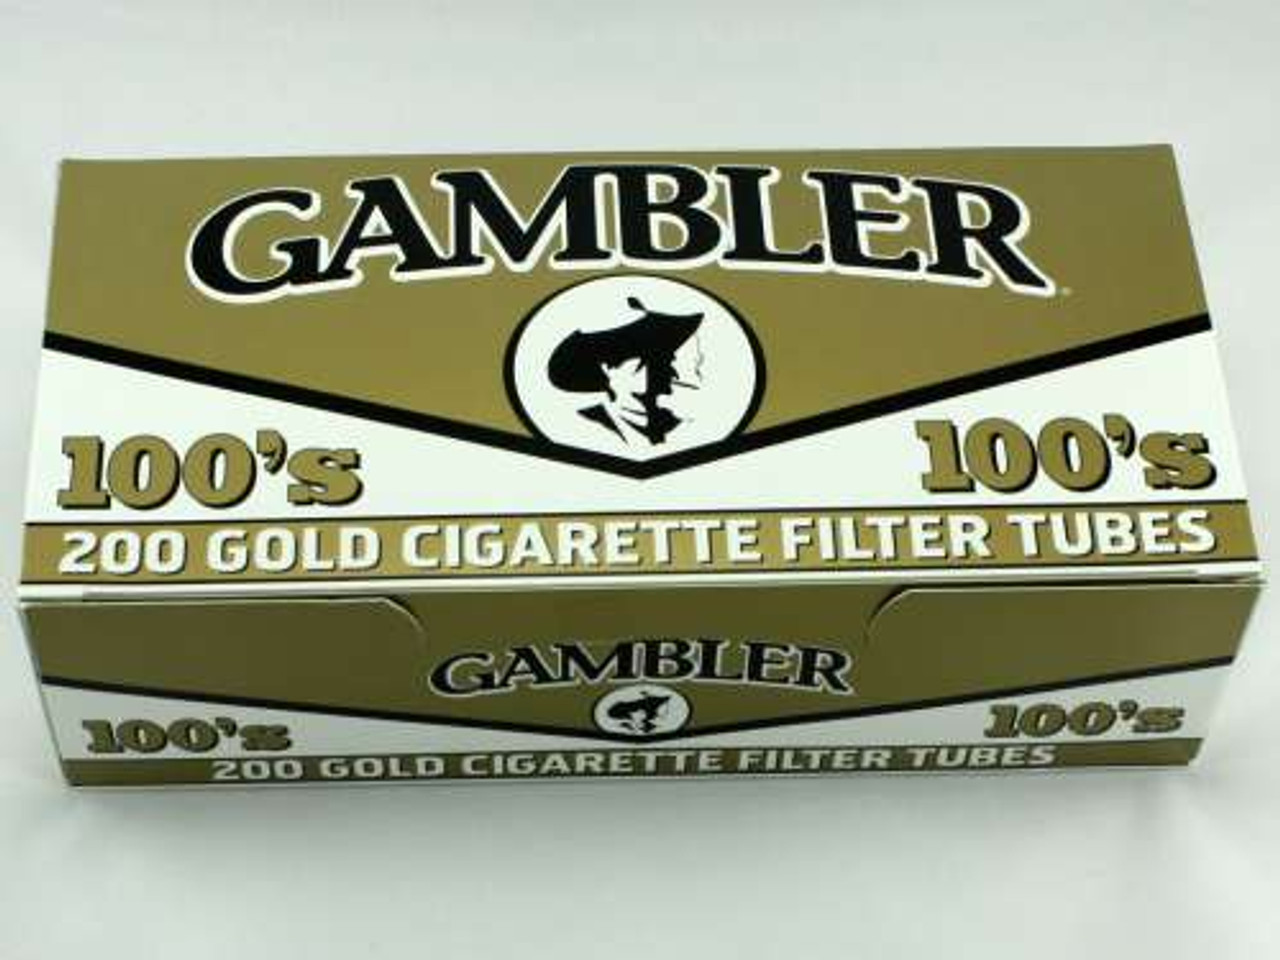 Gambler Light 100's Cigarette Tubes